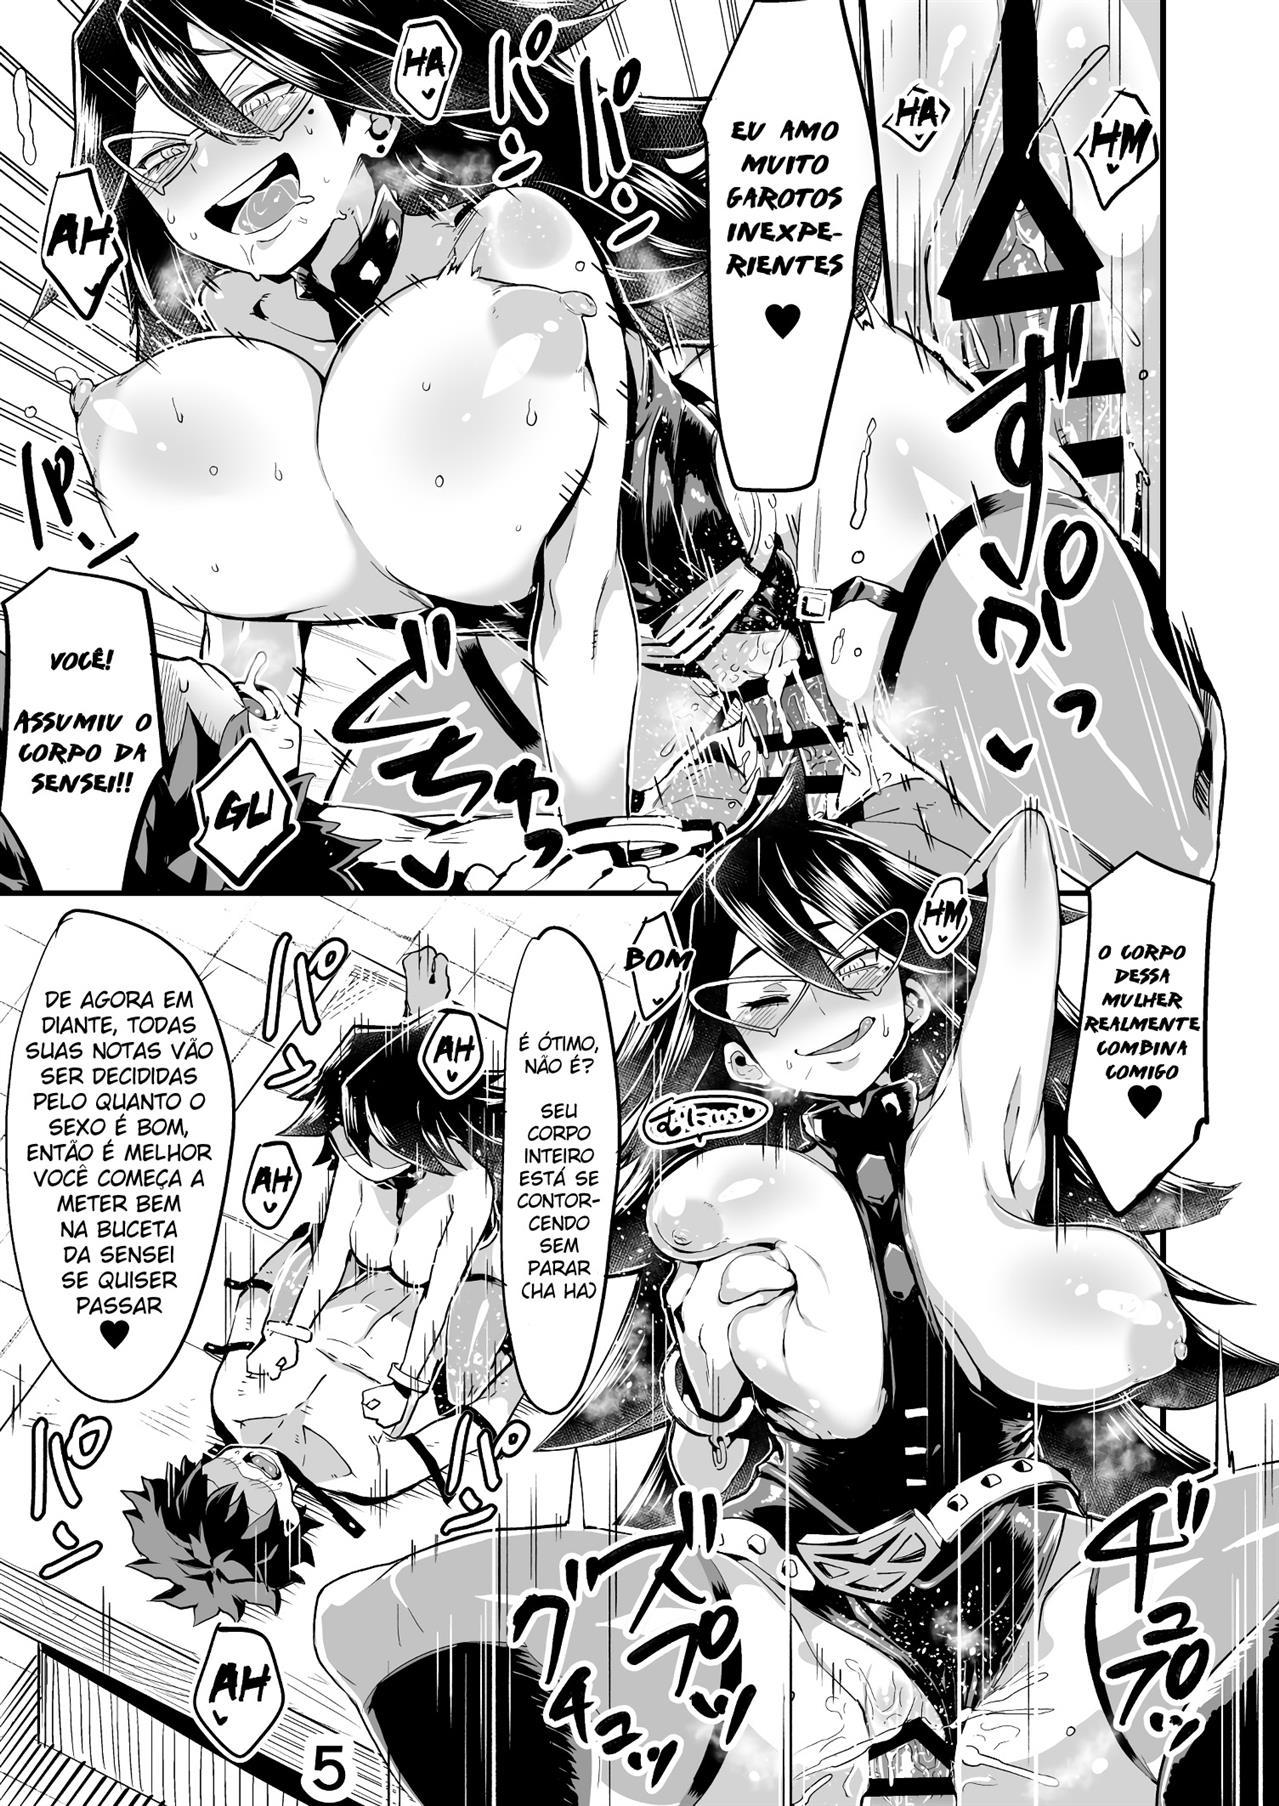 Boku to Nottori Villain Nakademia Vol 2 (Portuguese) - page05 My Hero Academia,  xxx porn rule34